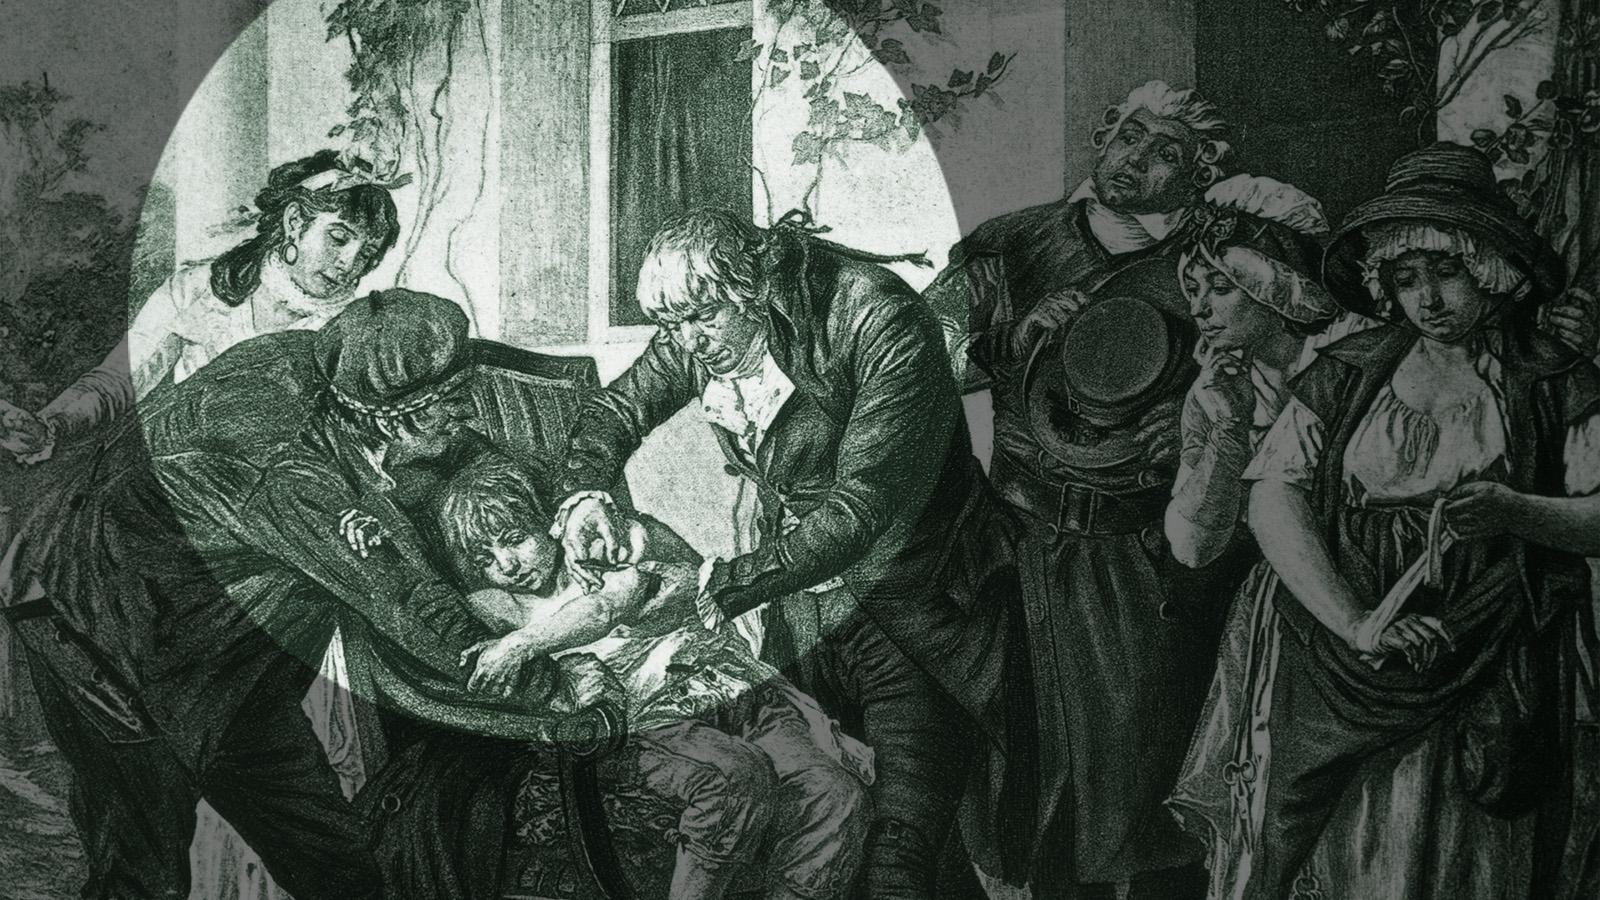 Genial oder grausam? Dr Edward Jenner bei der Impfung eines Achtjährigen. (Foto: Three Lions/Getty Images)